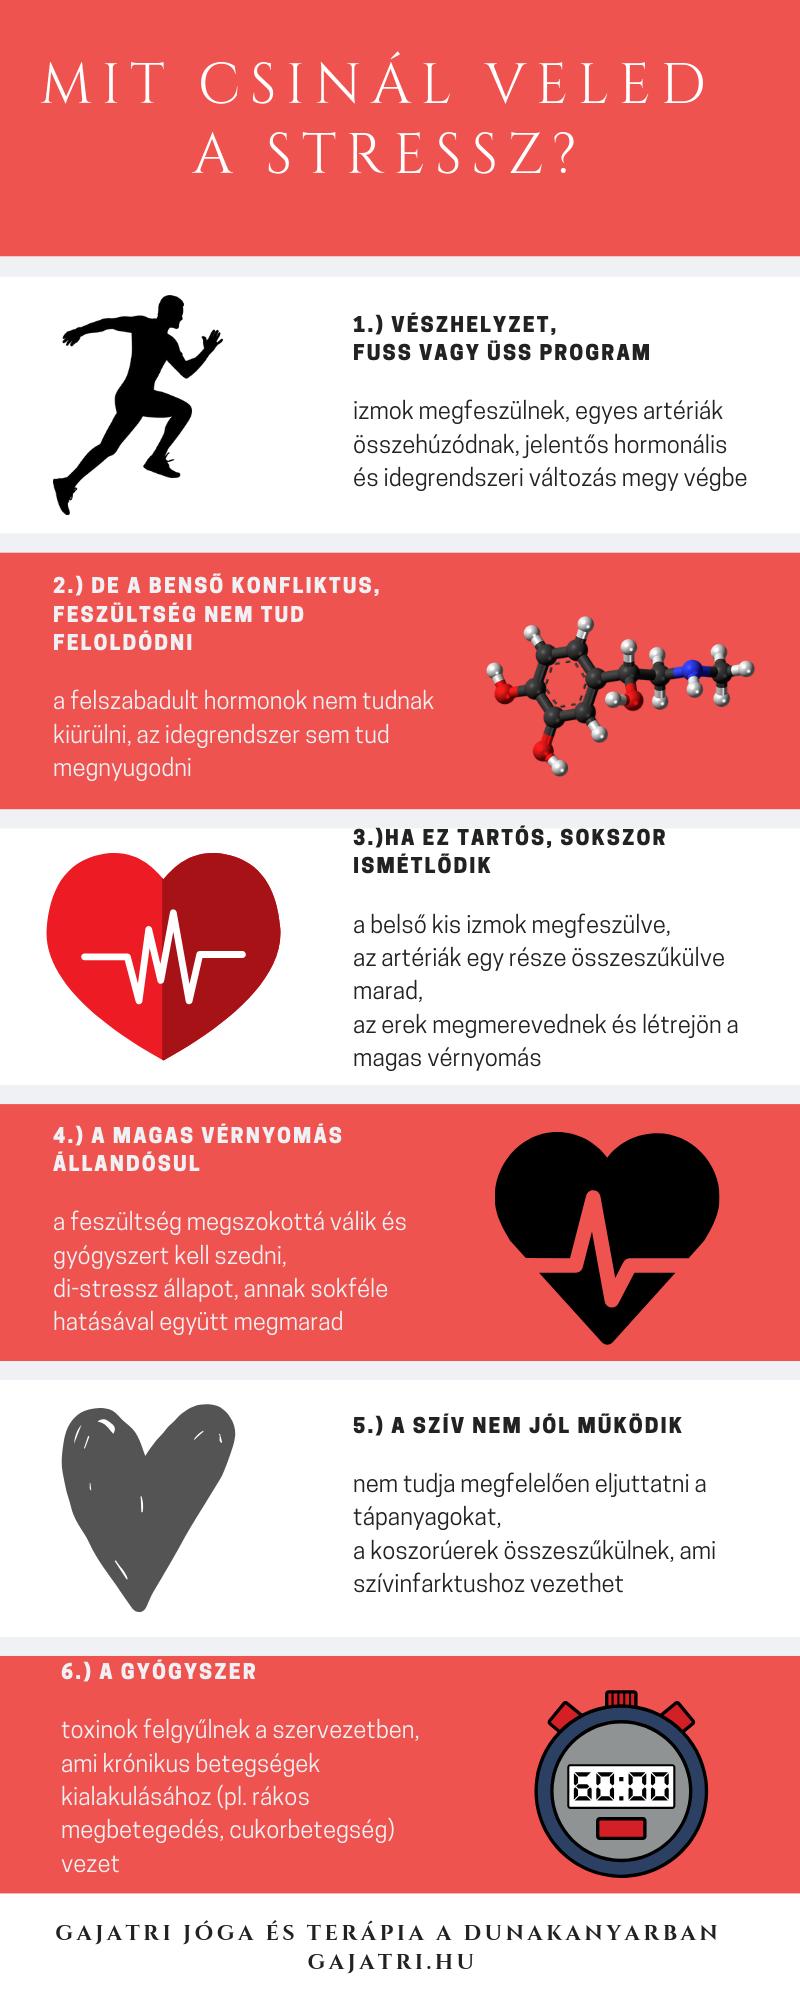 magas vérnyomás kórtörténeti terápia